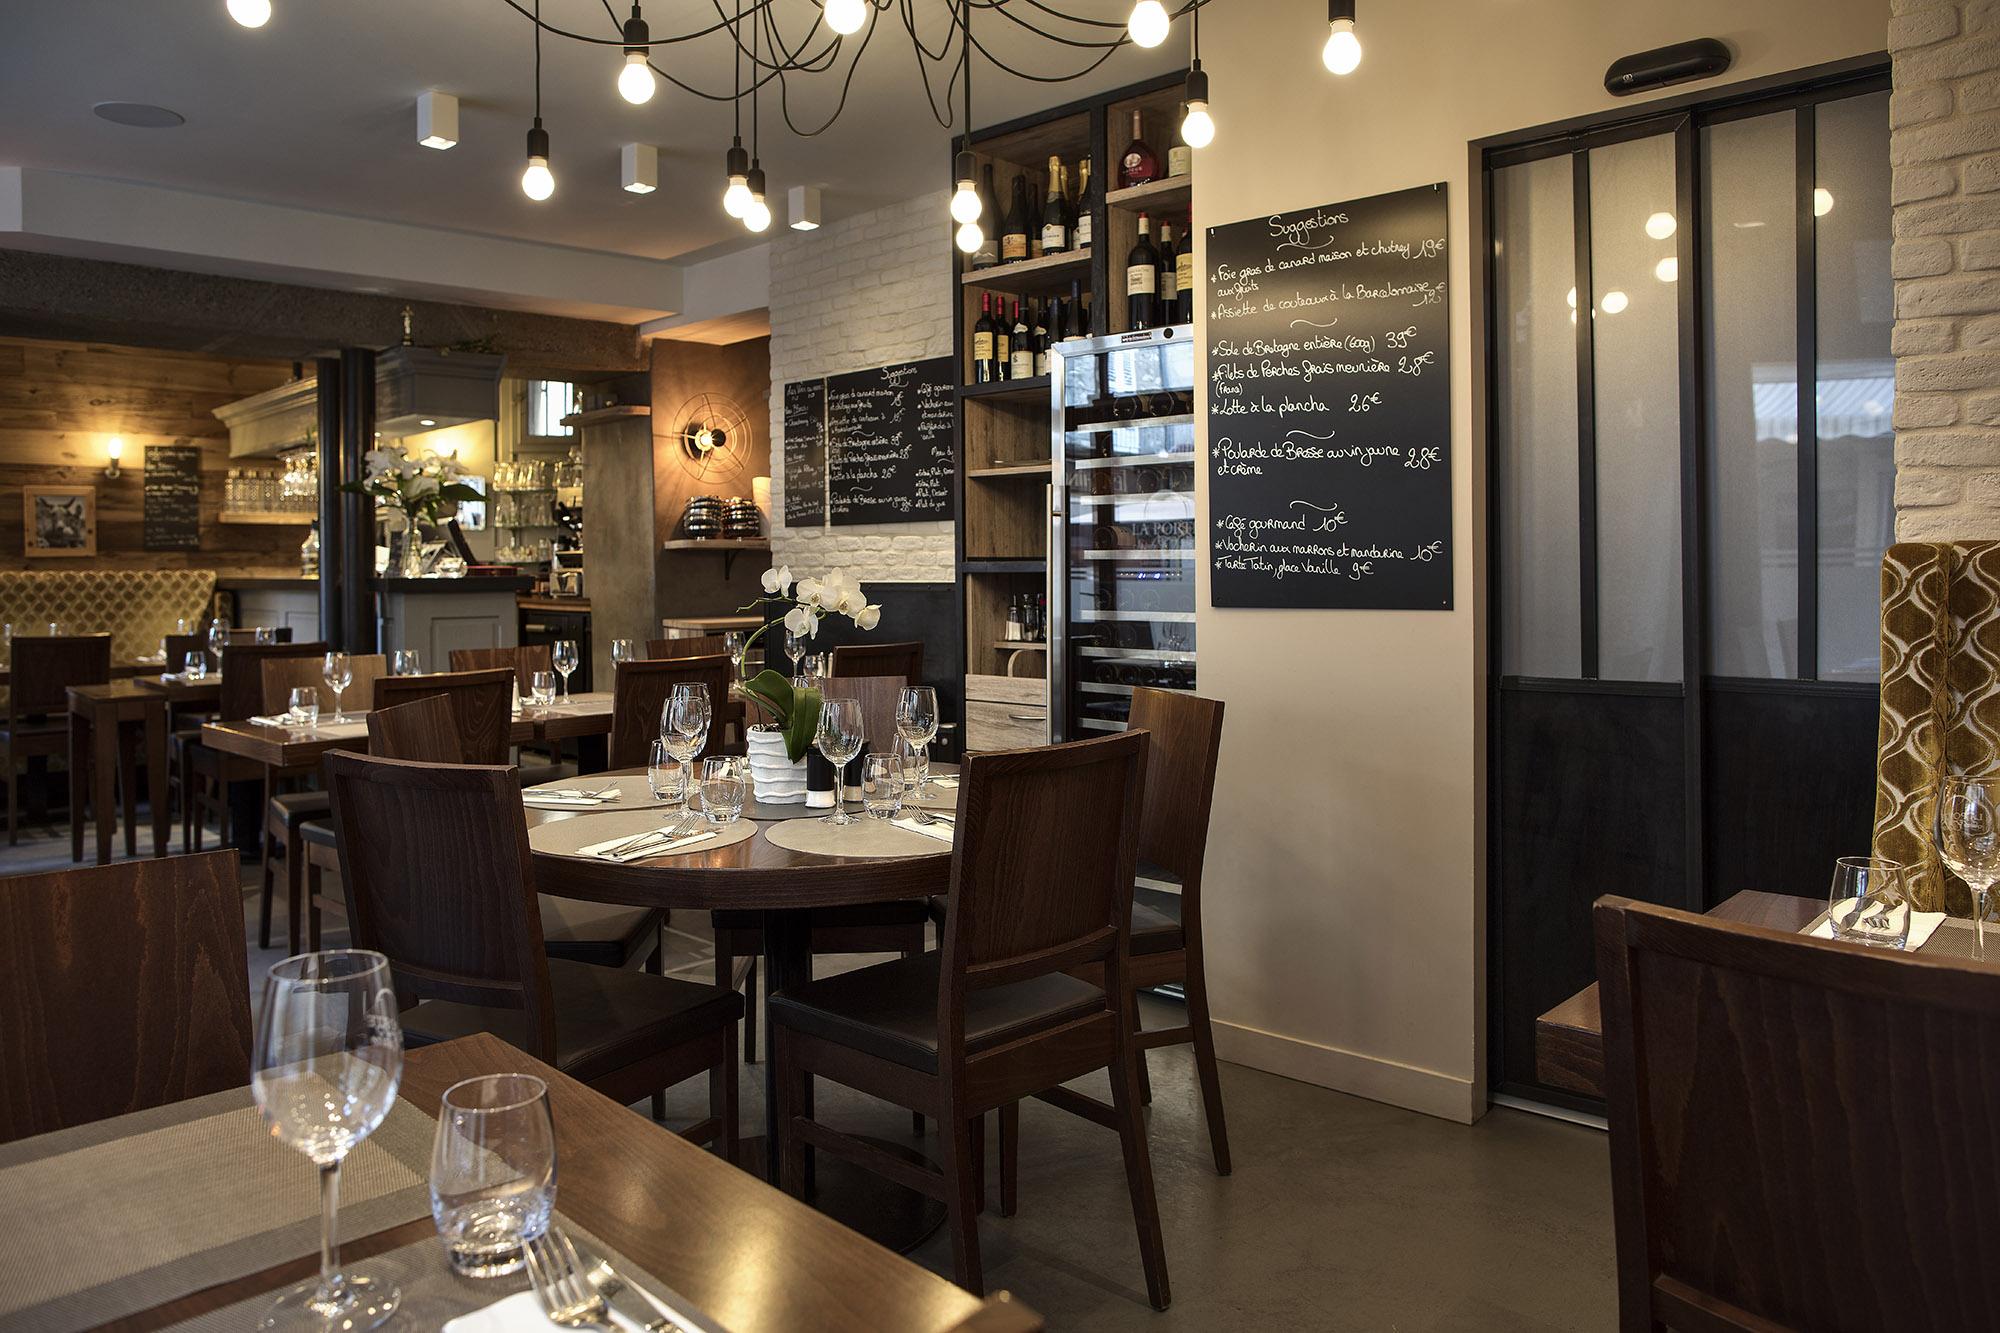 Restaurant La Porte St Claire Annecy